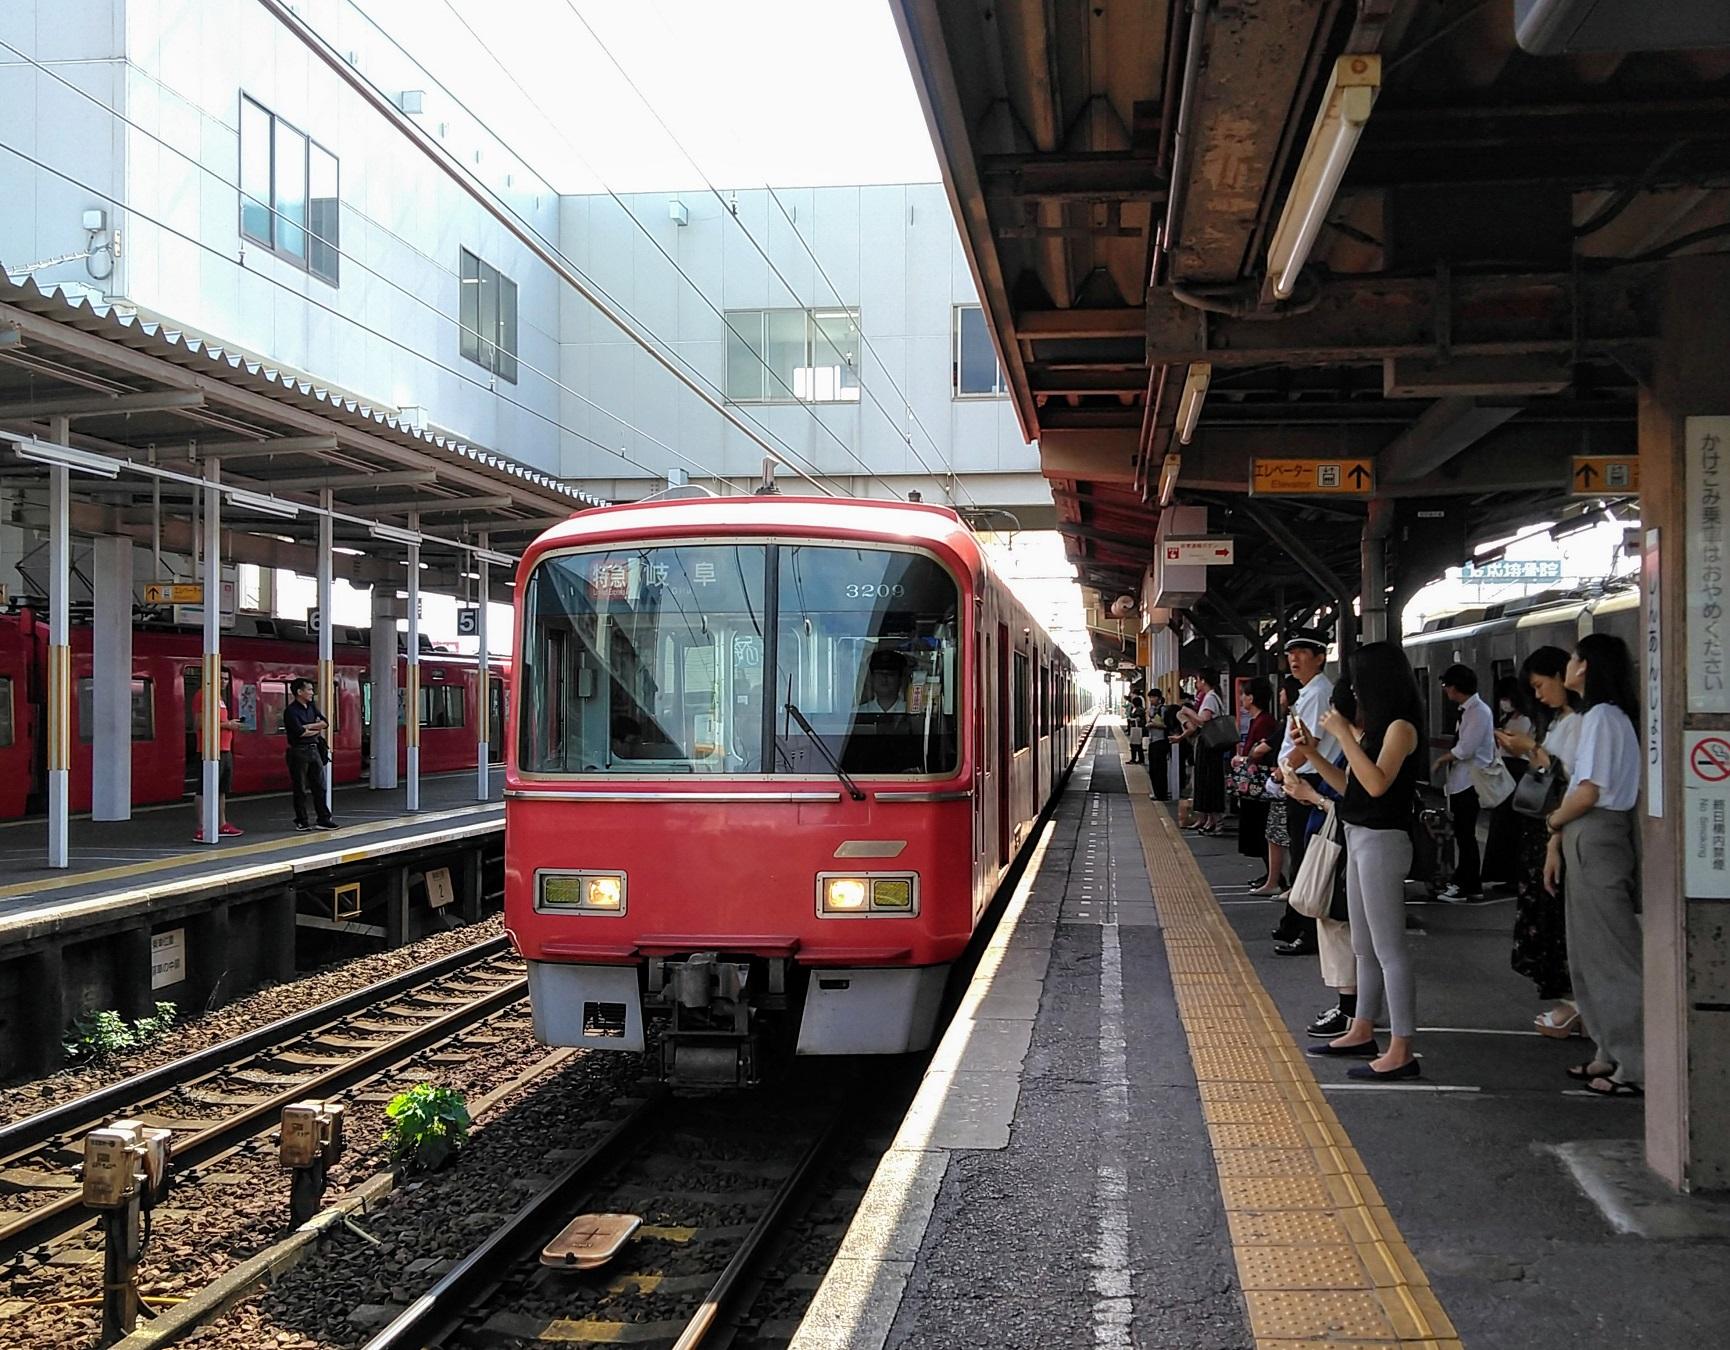 2019.9.2 (7) しんあんじょう - 岐阜いき特急 1730-1350